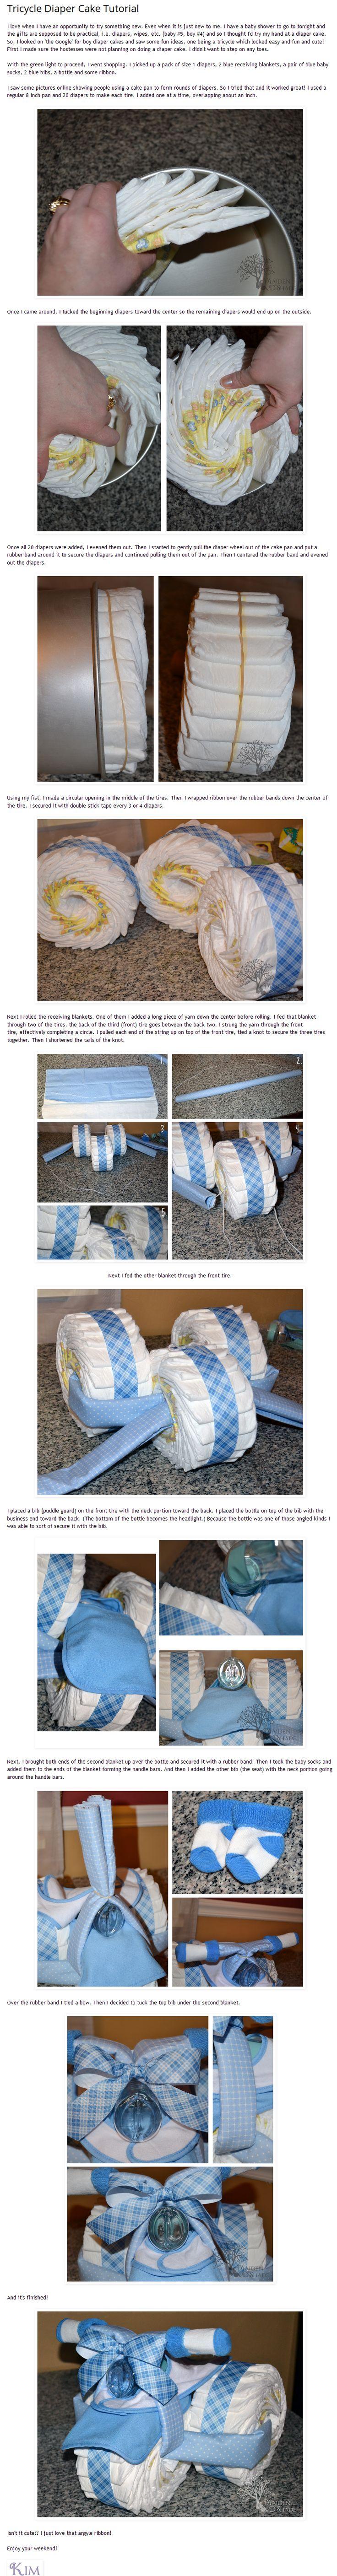 Tuto pour faire un tricycle avec des couches :)                                                                                                                                                                                 More